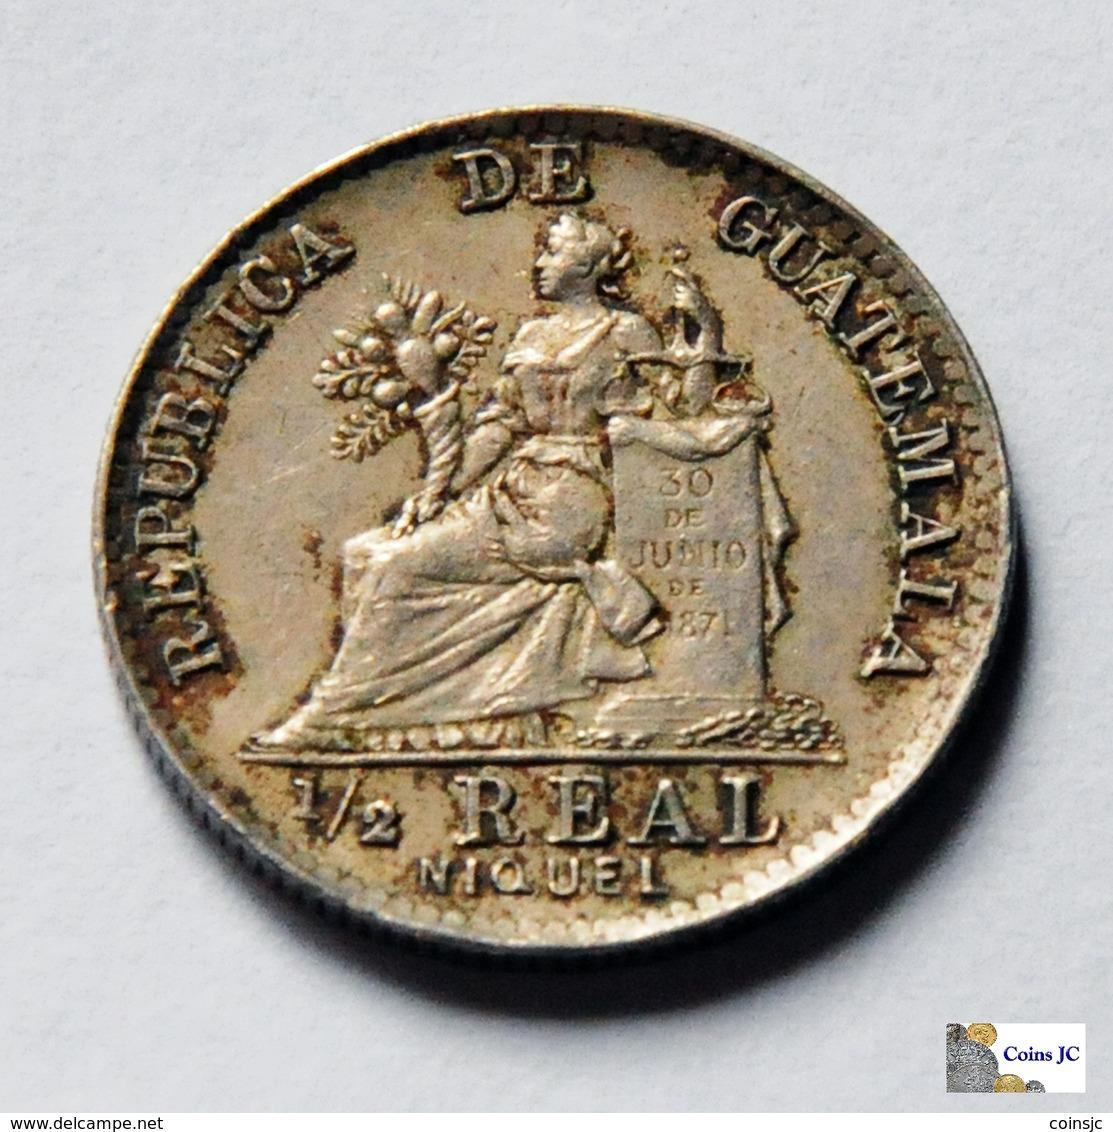 Guatemala - 1/2 Real - 1900 - Guatemala